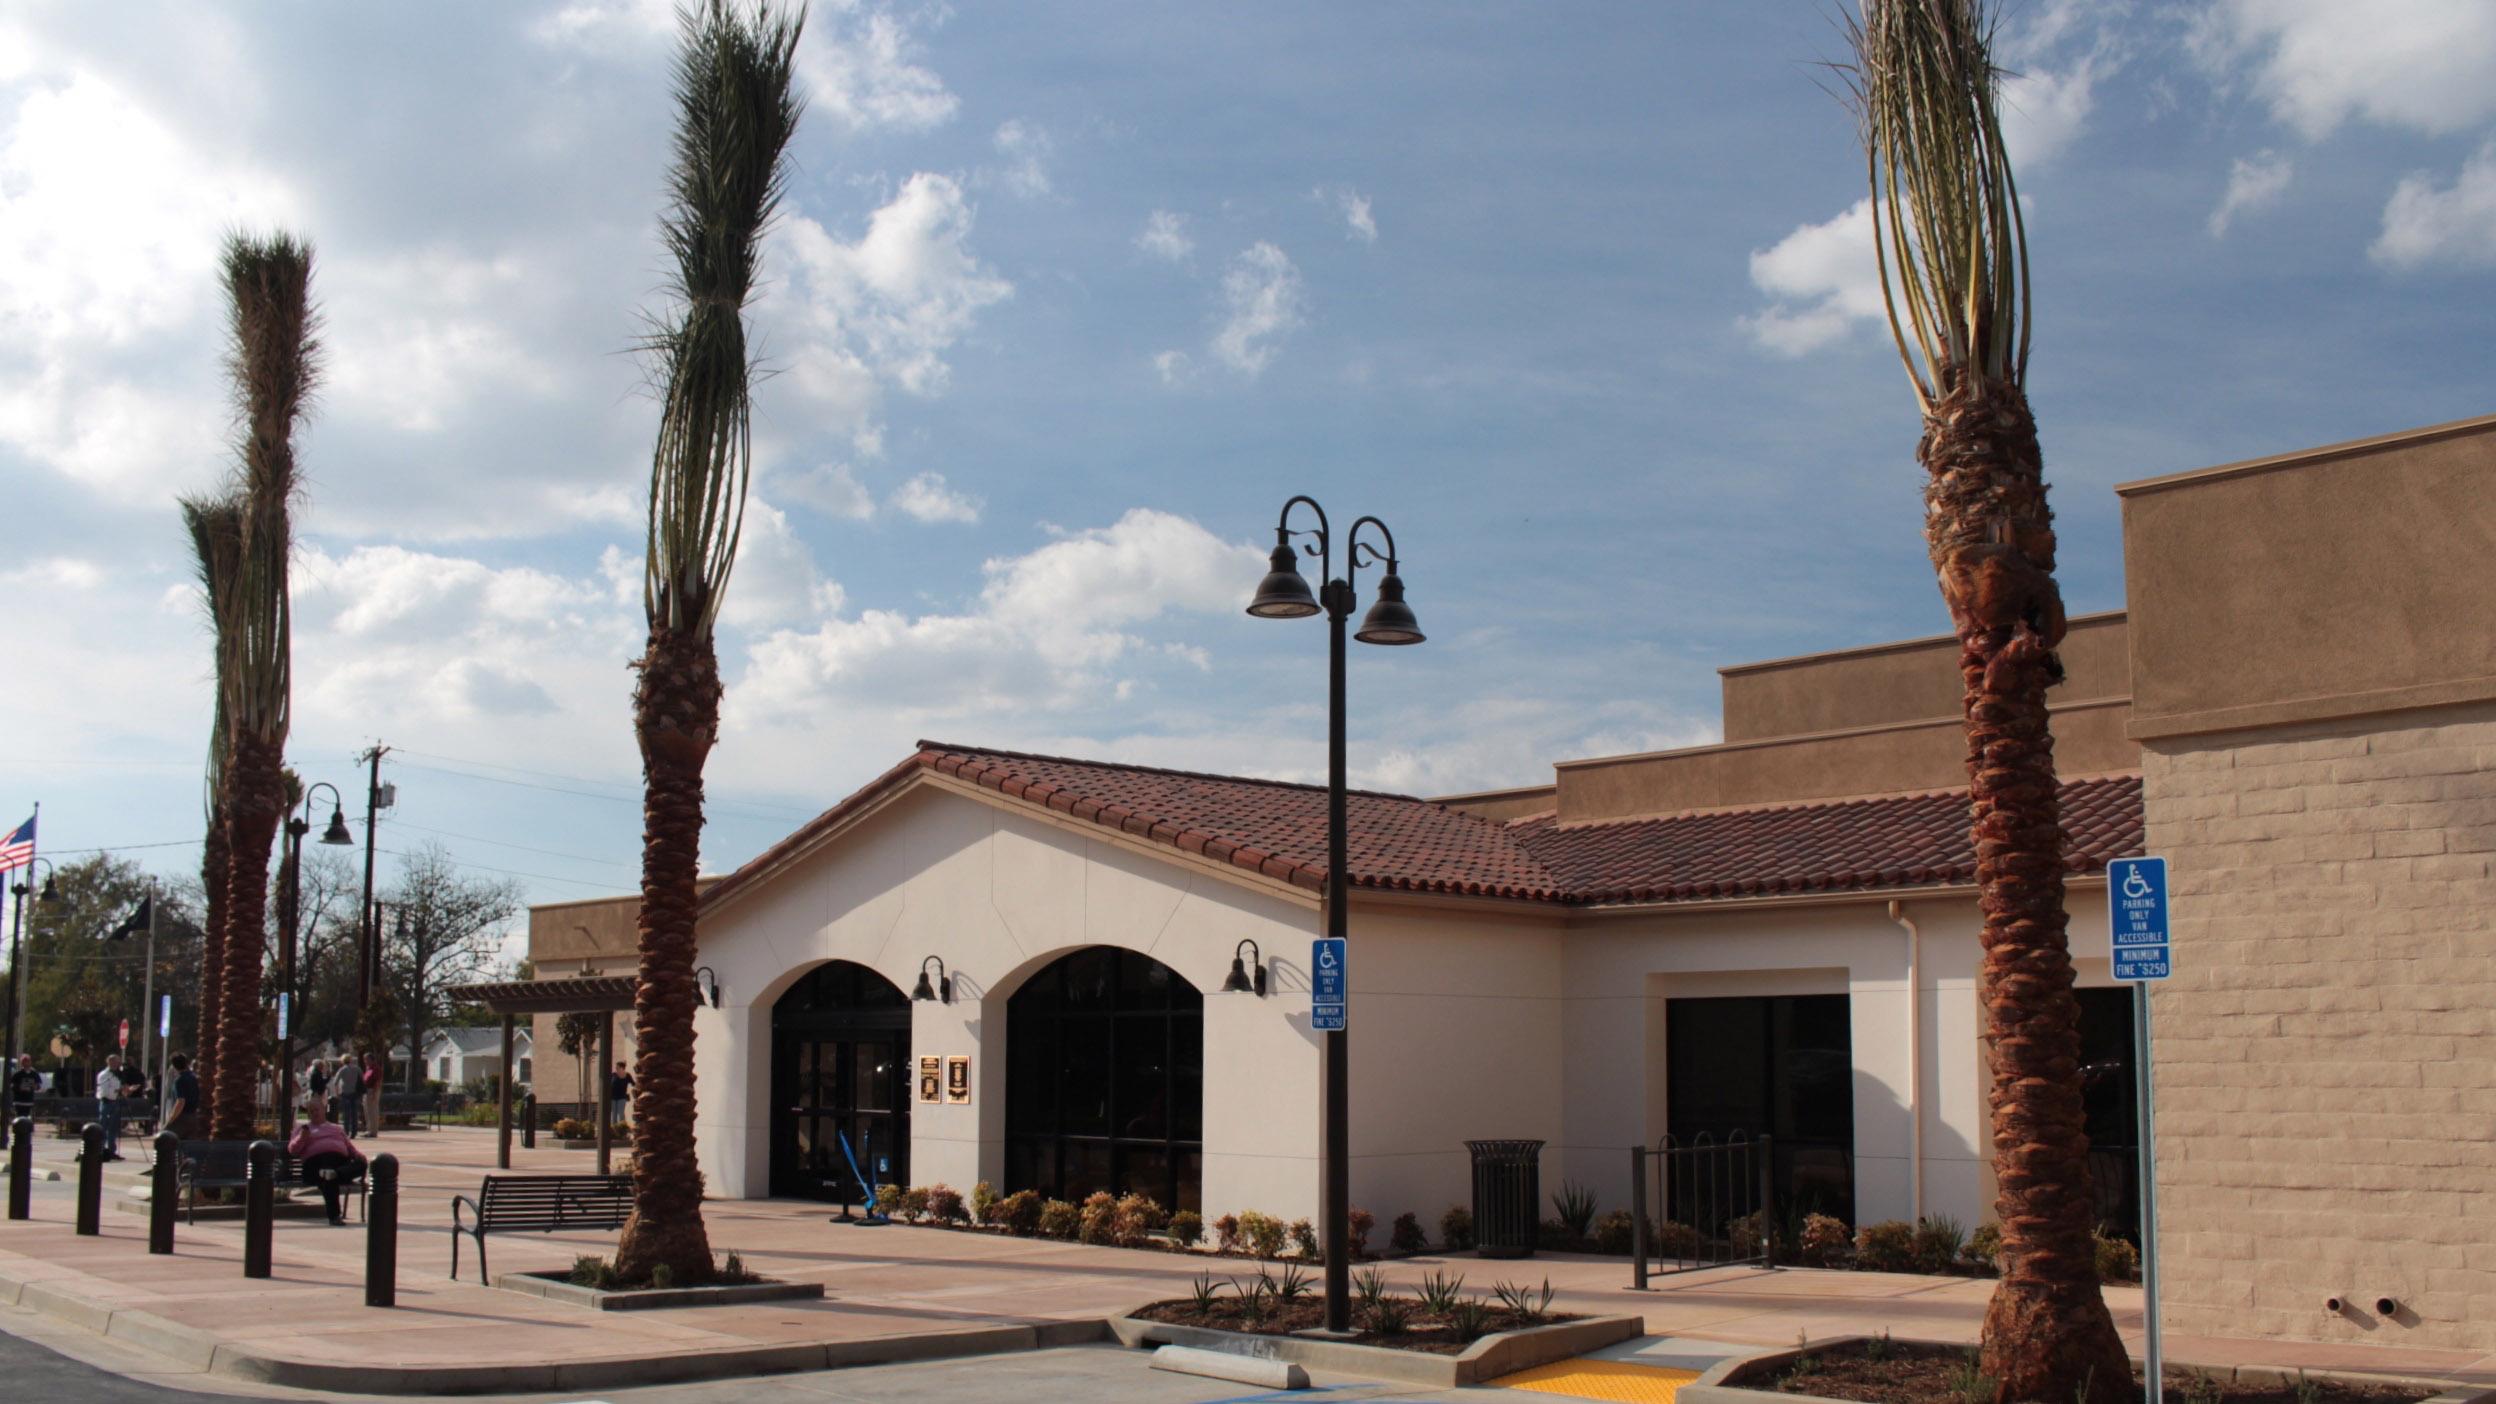 Villegas Community Center